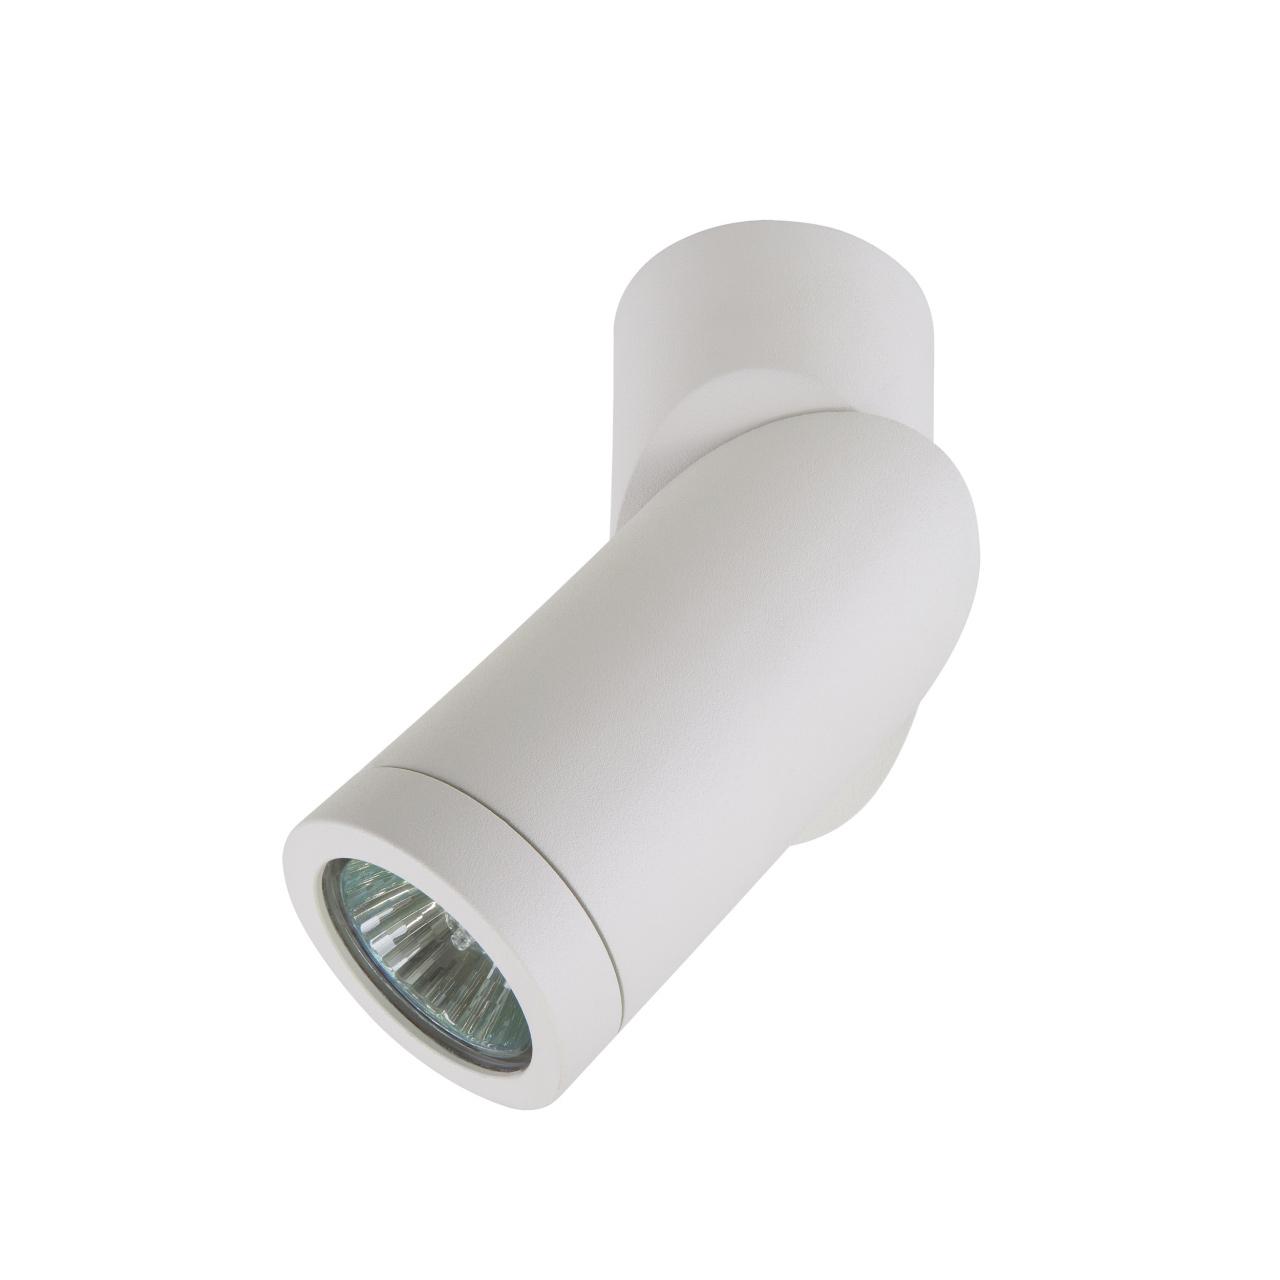 Светильник Illumo F HP16 белый Lightstar 051016